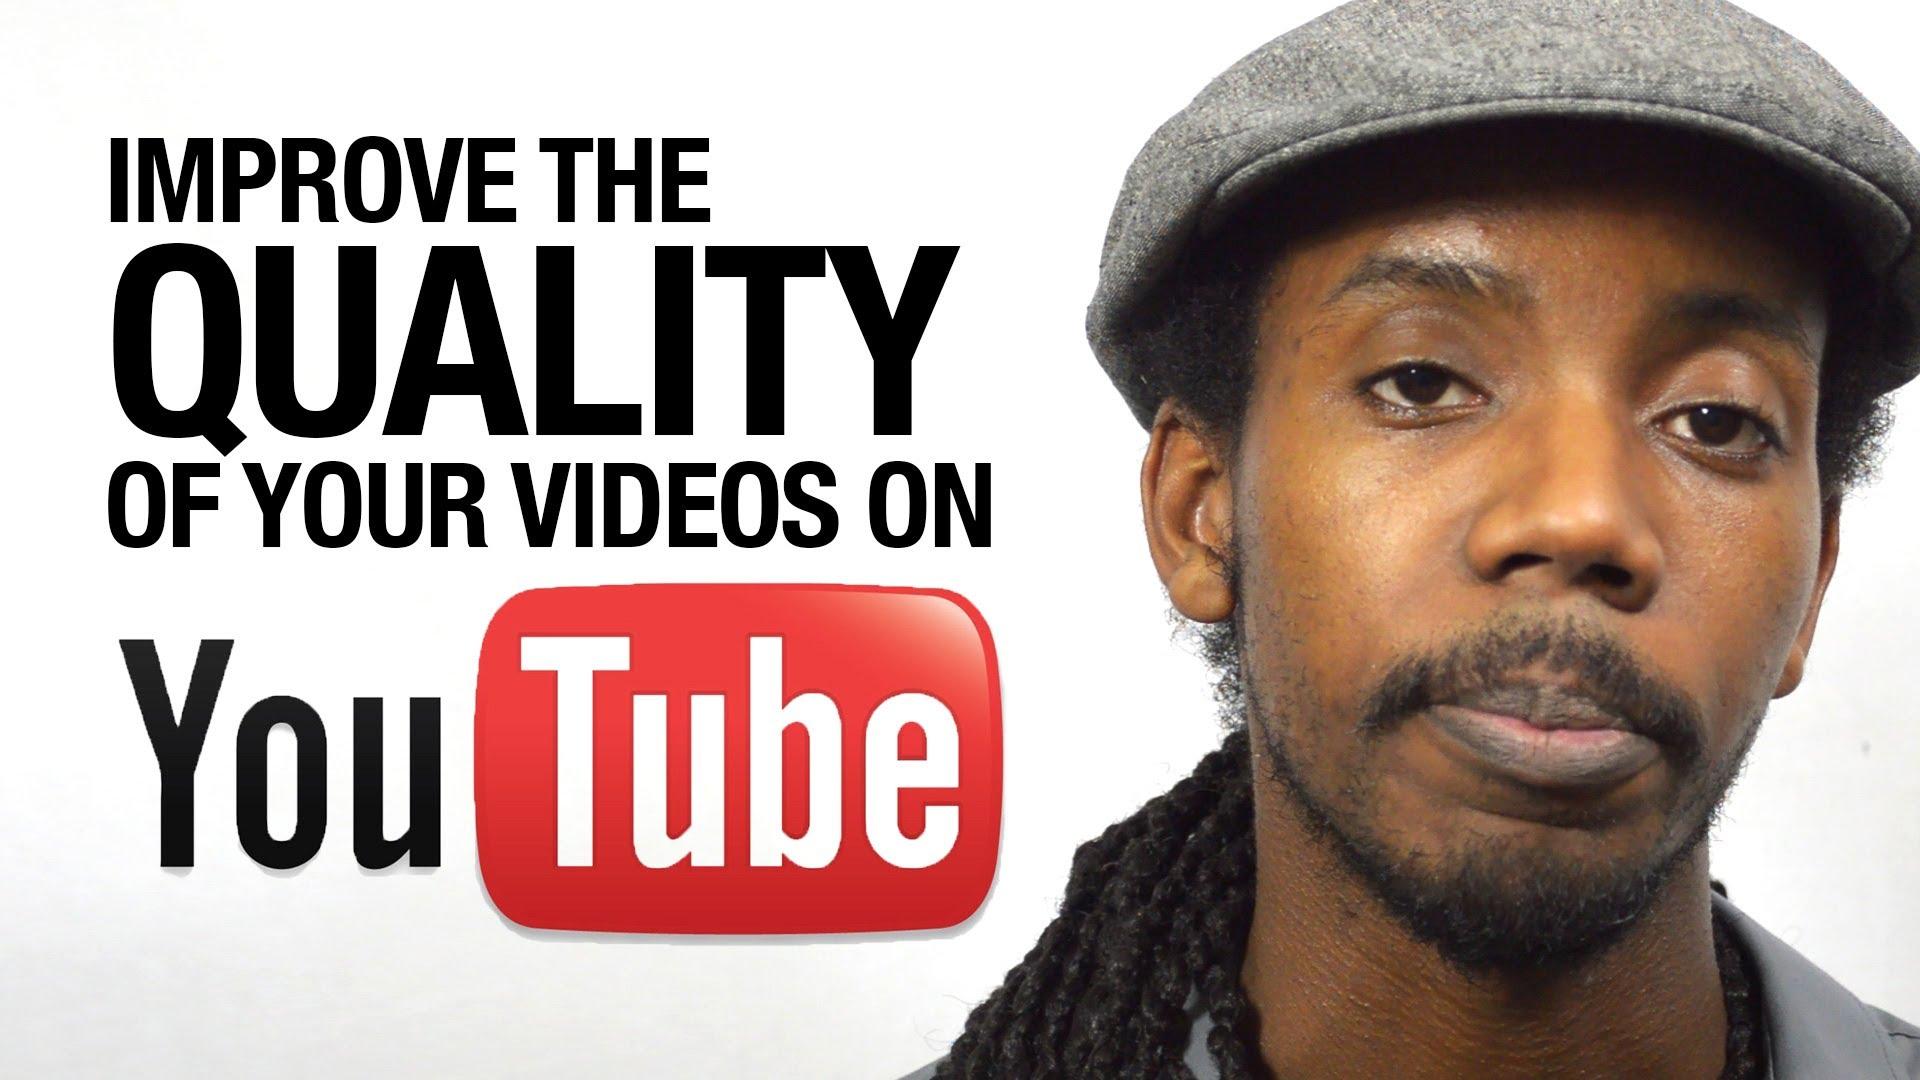 Quảng cáo Youtube: Tuyệt chiêu nâng cao chất lượng video